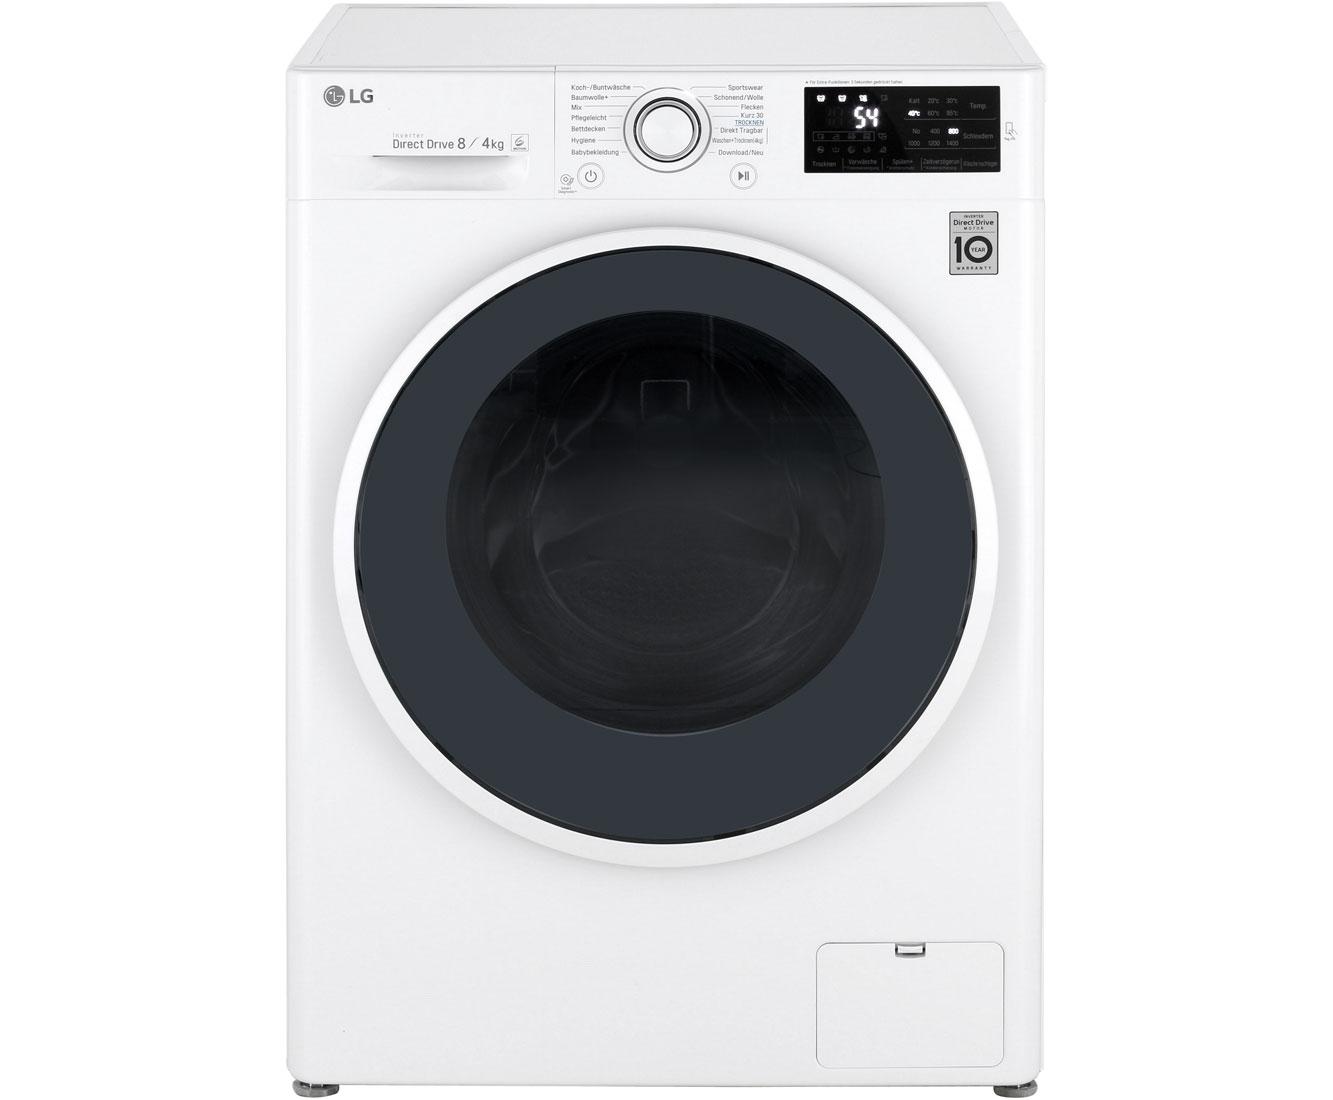 LG F 14WD 84EN0 Waschtrockner